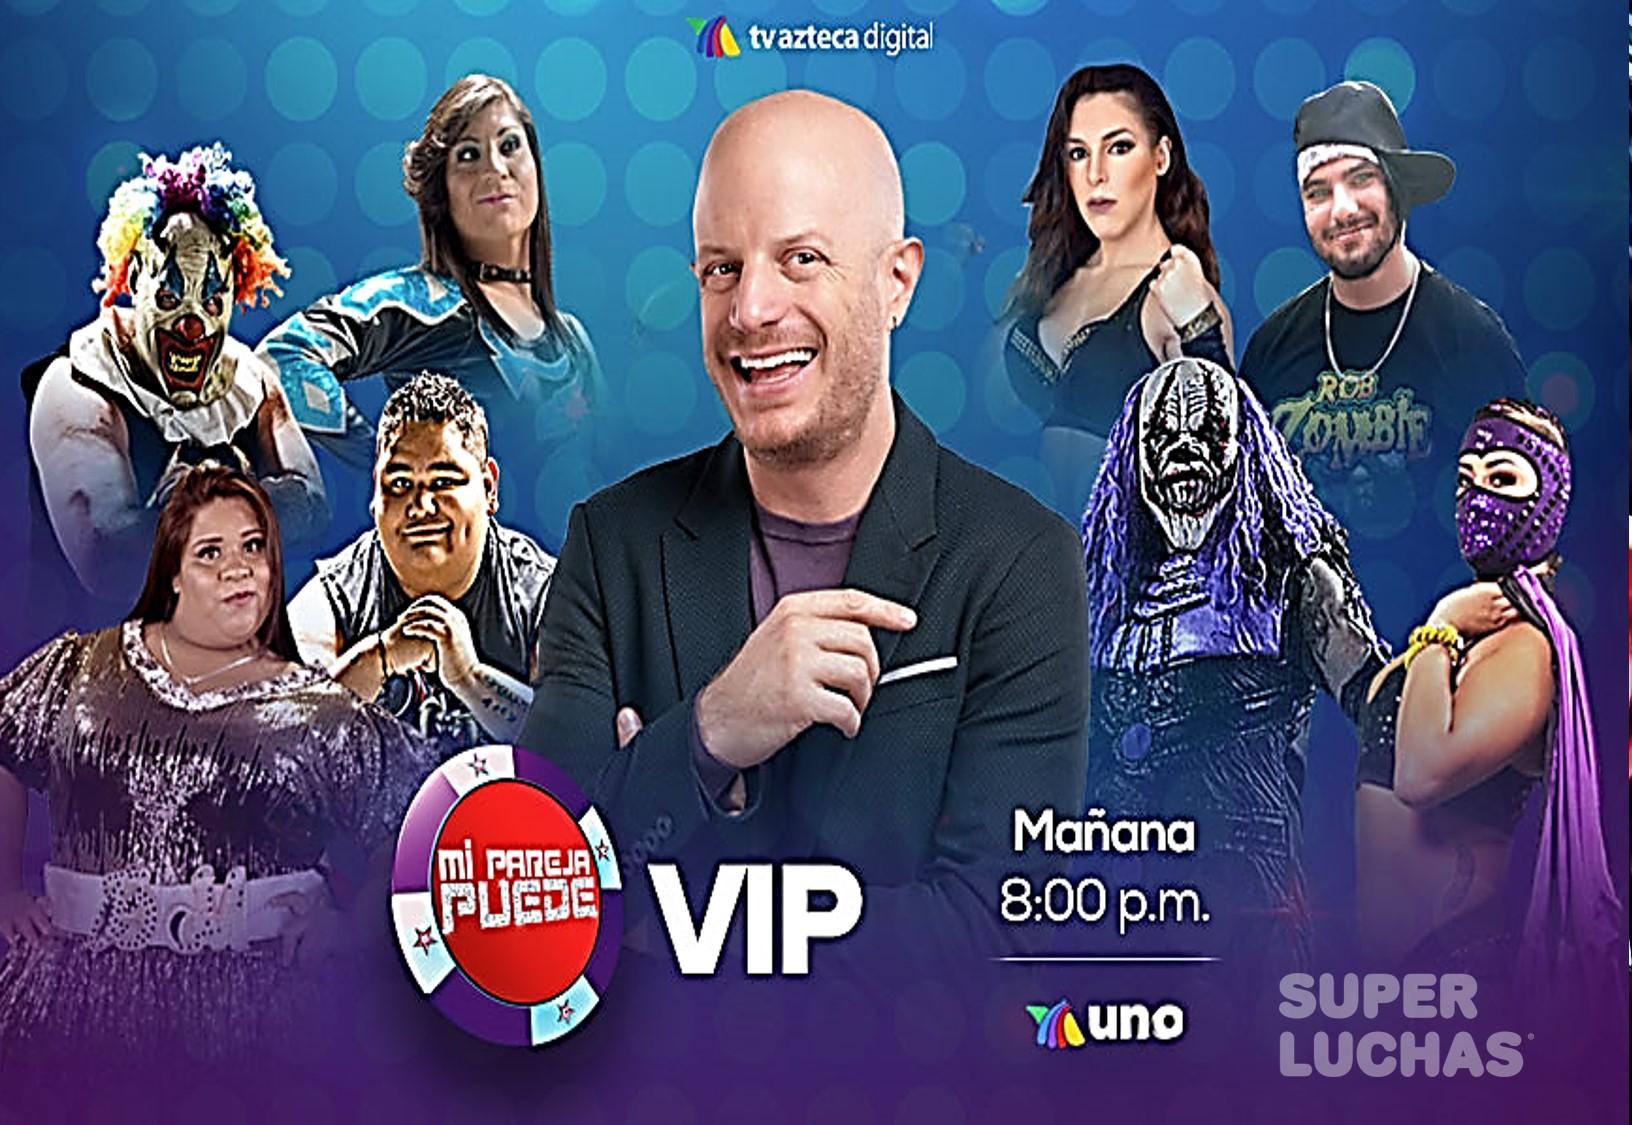 """""""Mi pareja puede VIP"""" se engalana con los luchadores de AAA 5"""